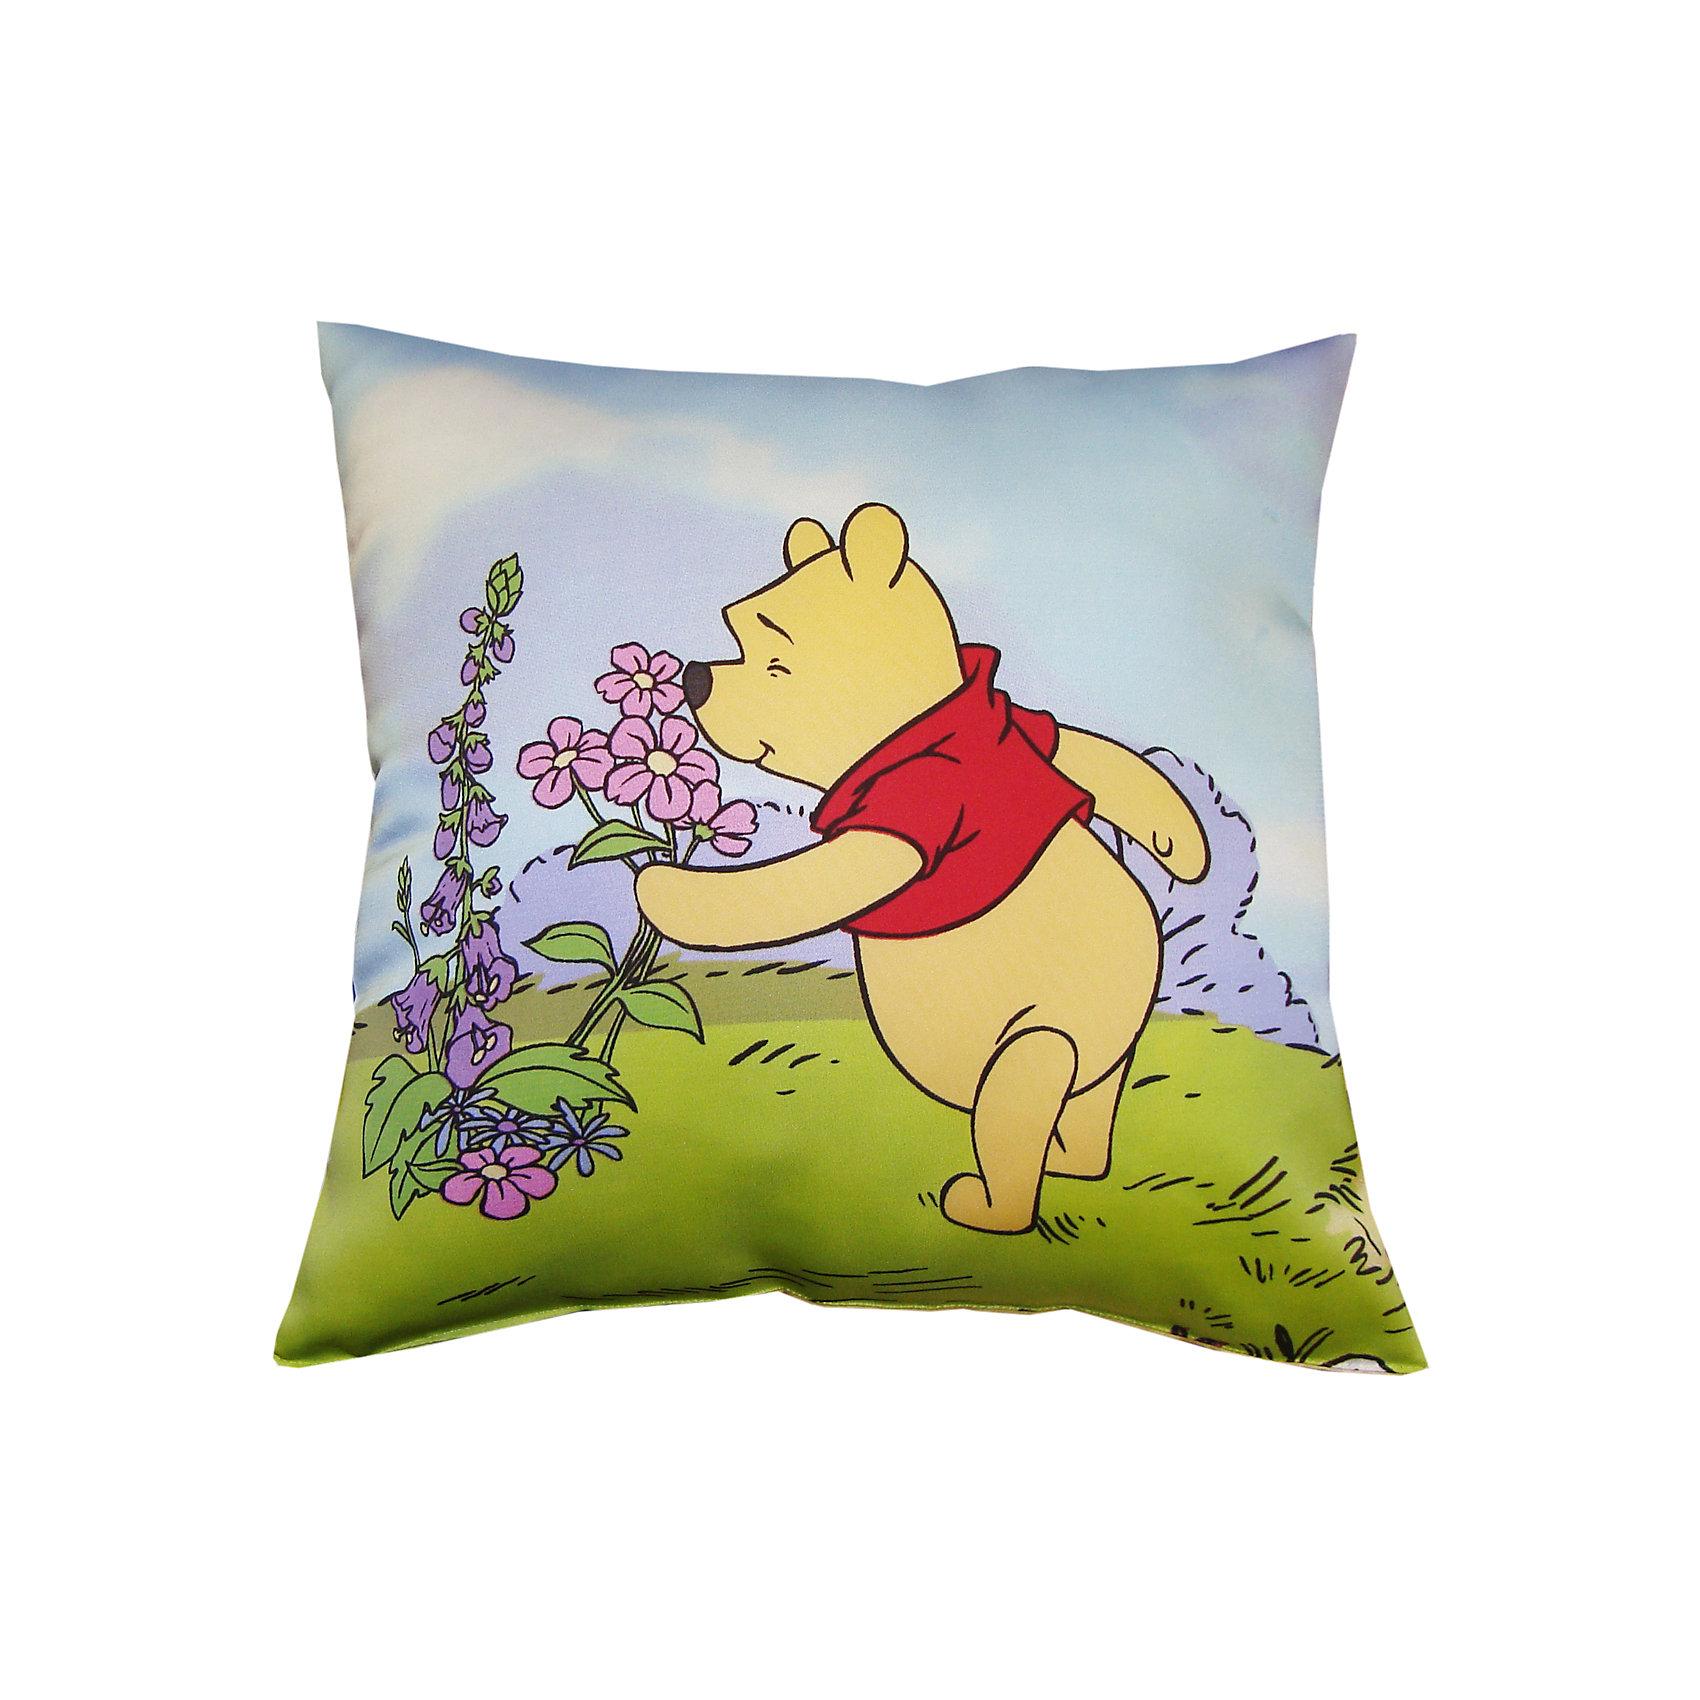 Декоративная подушка «Винни Пух» 40*40 см